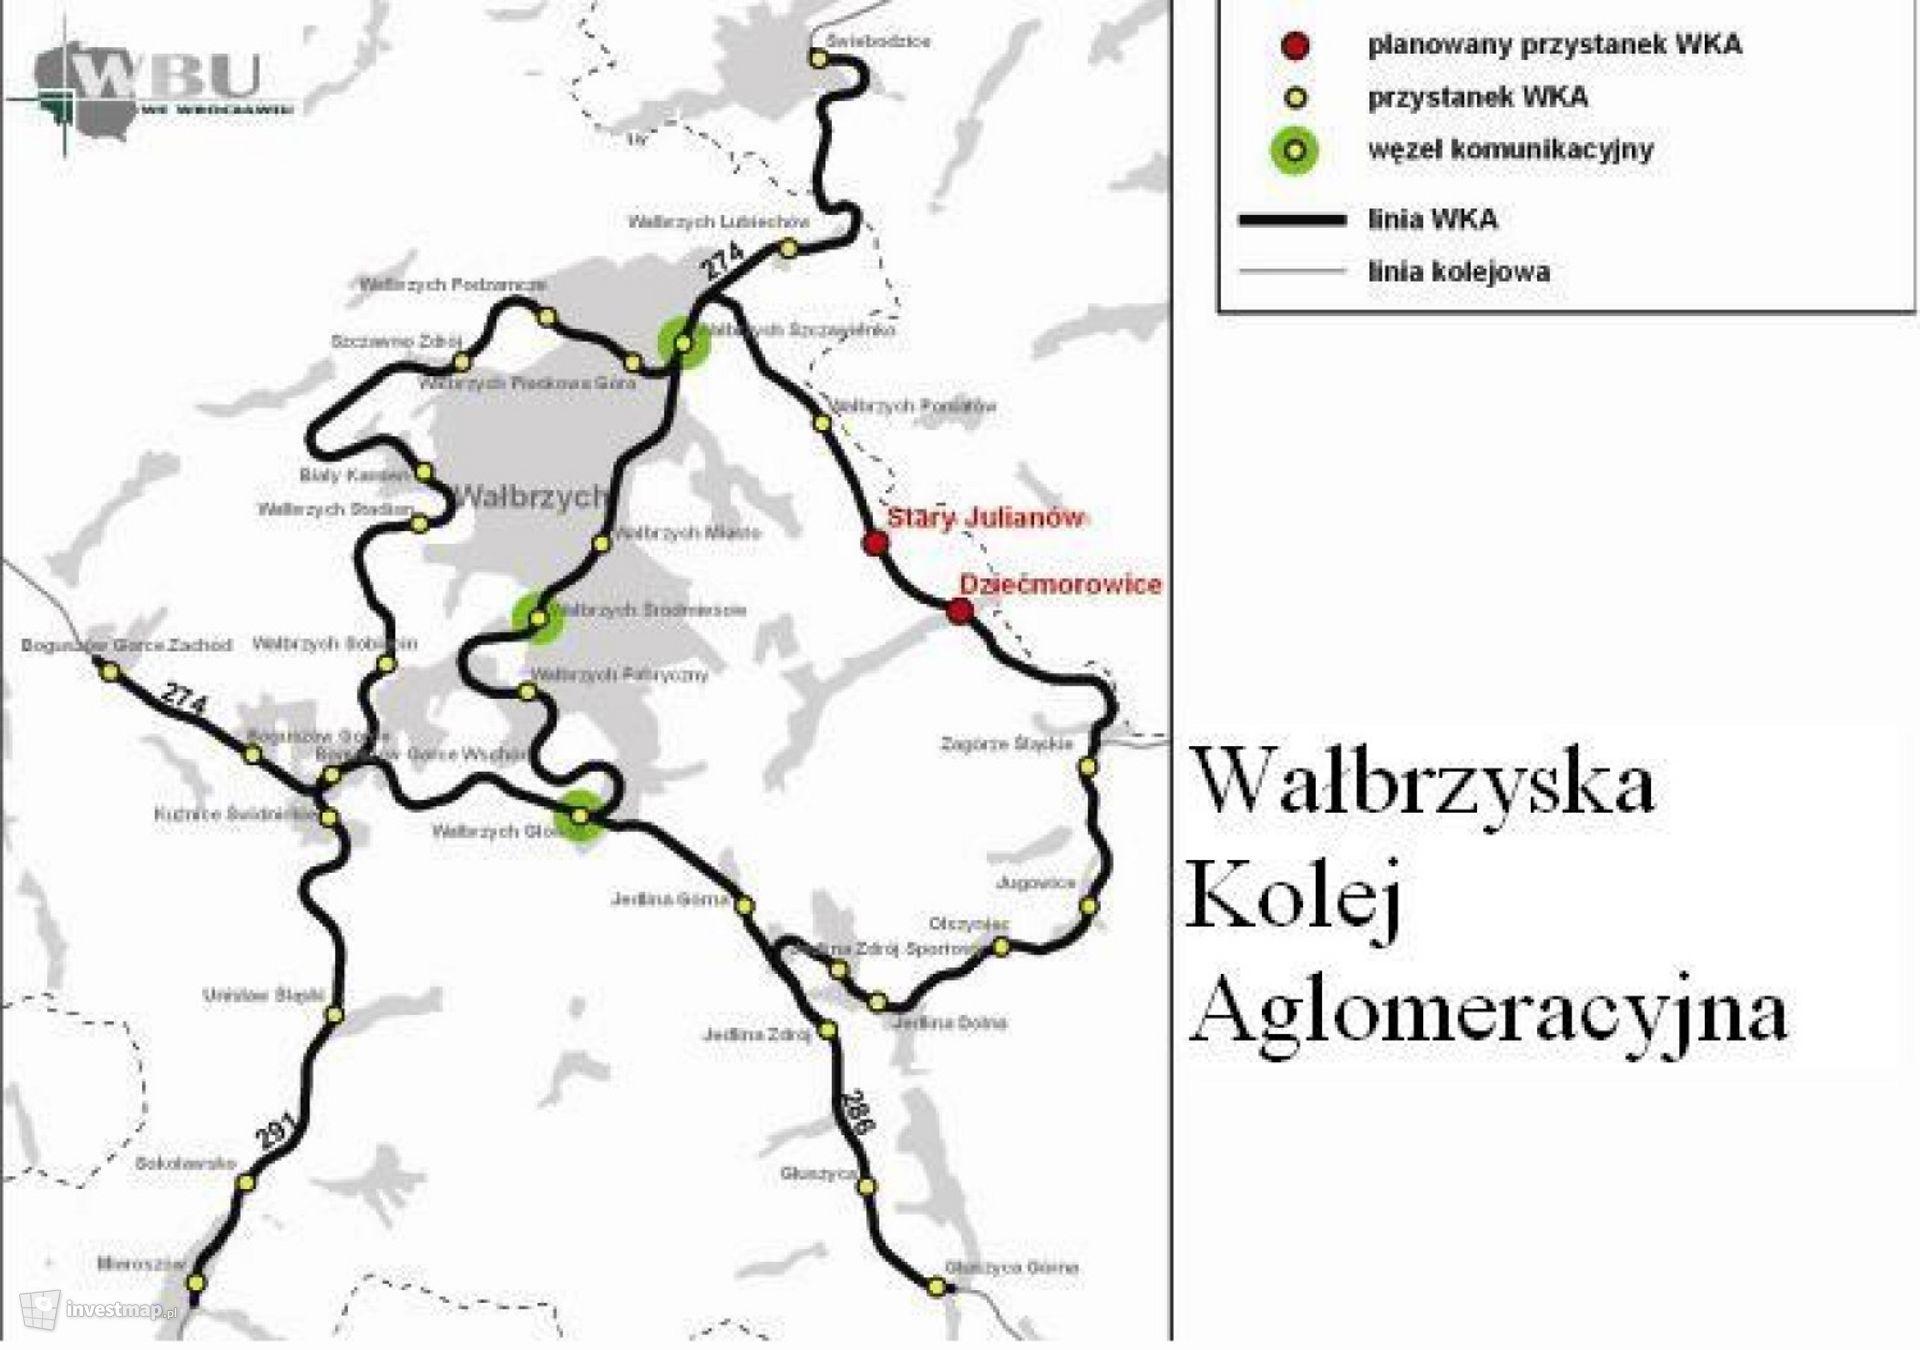 Wałbrzyska Kolej Aglomeracyjna